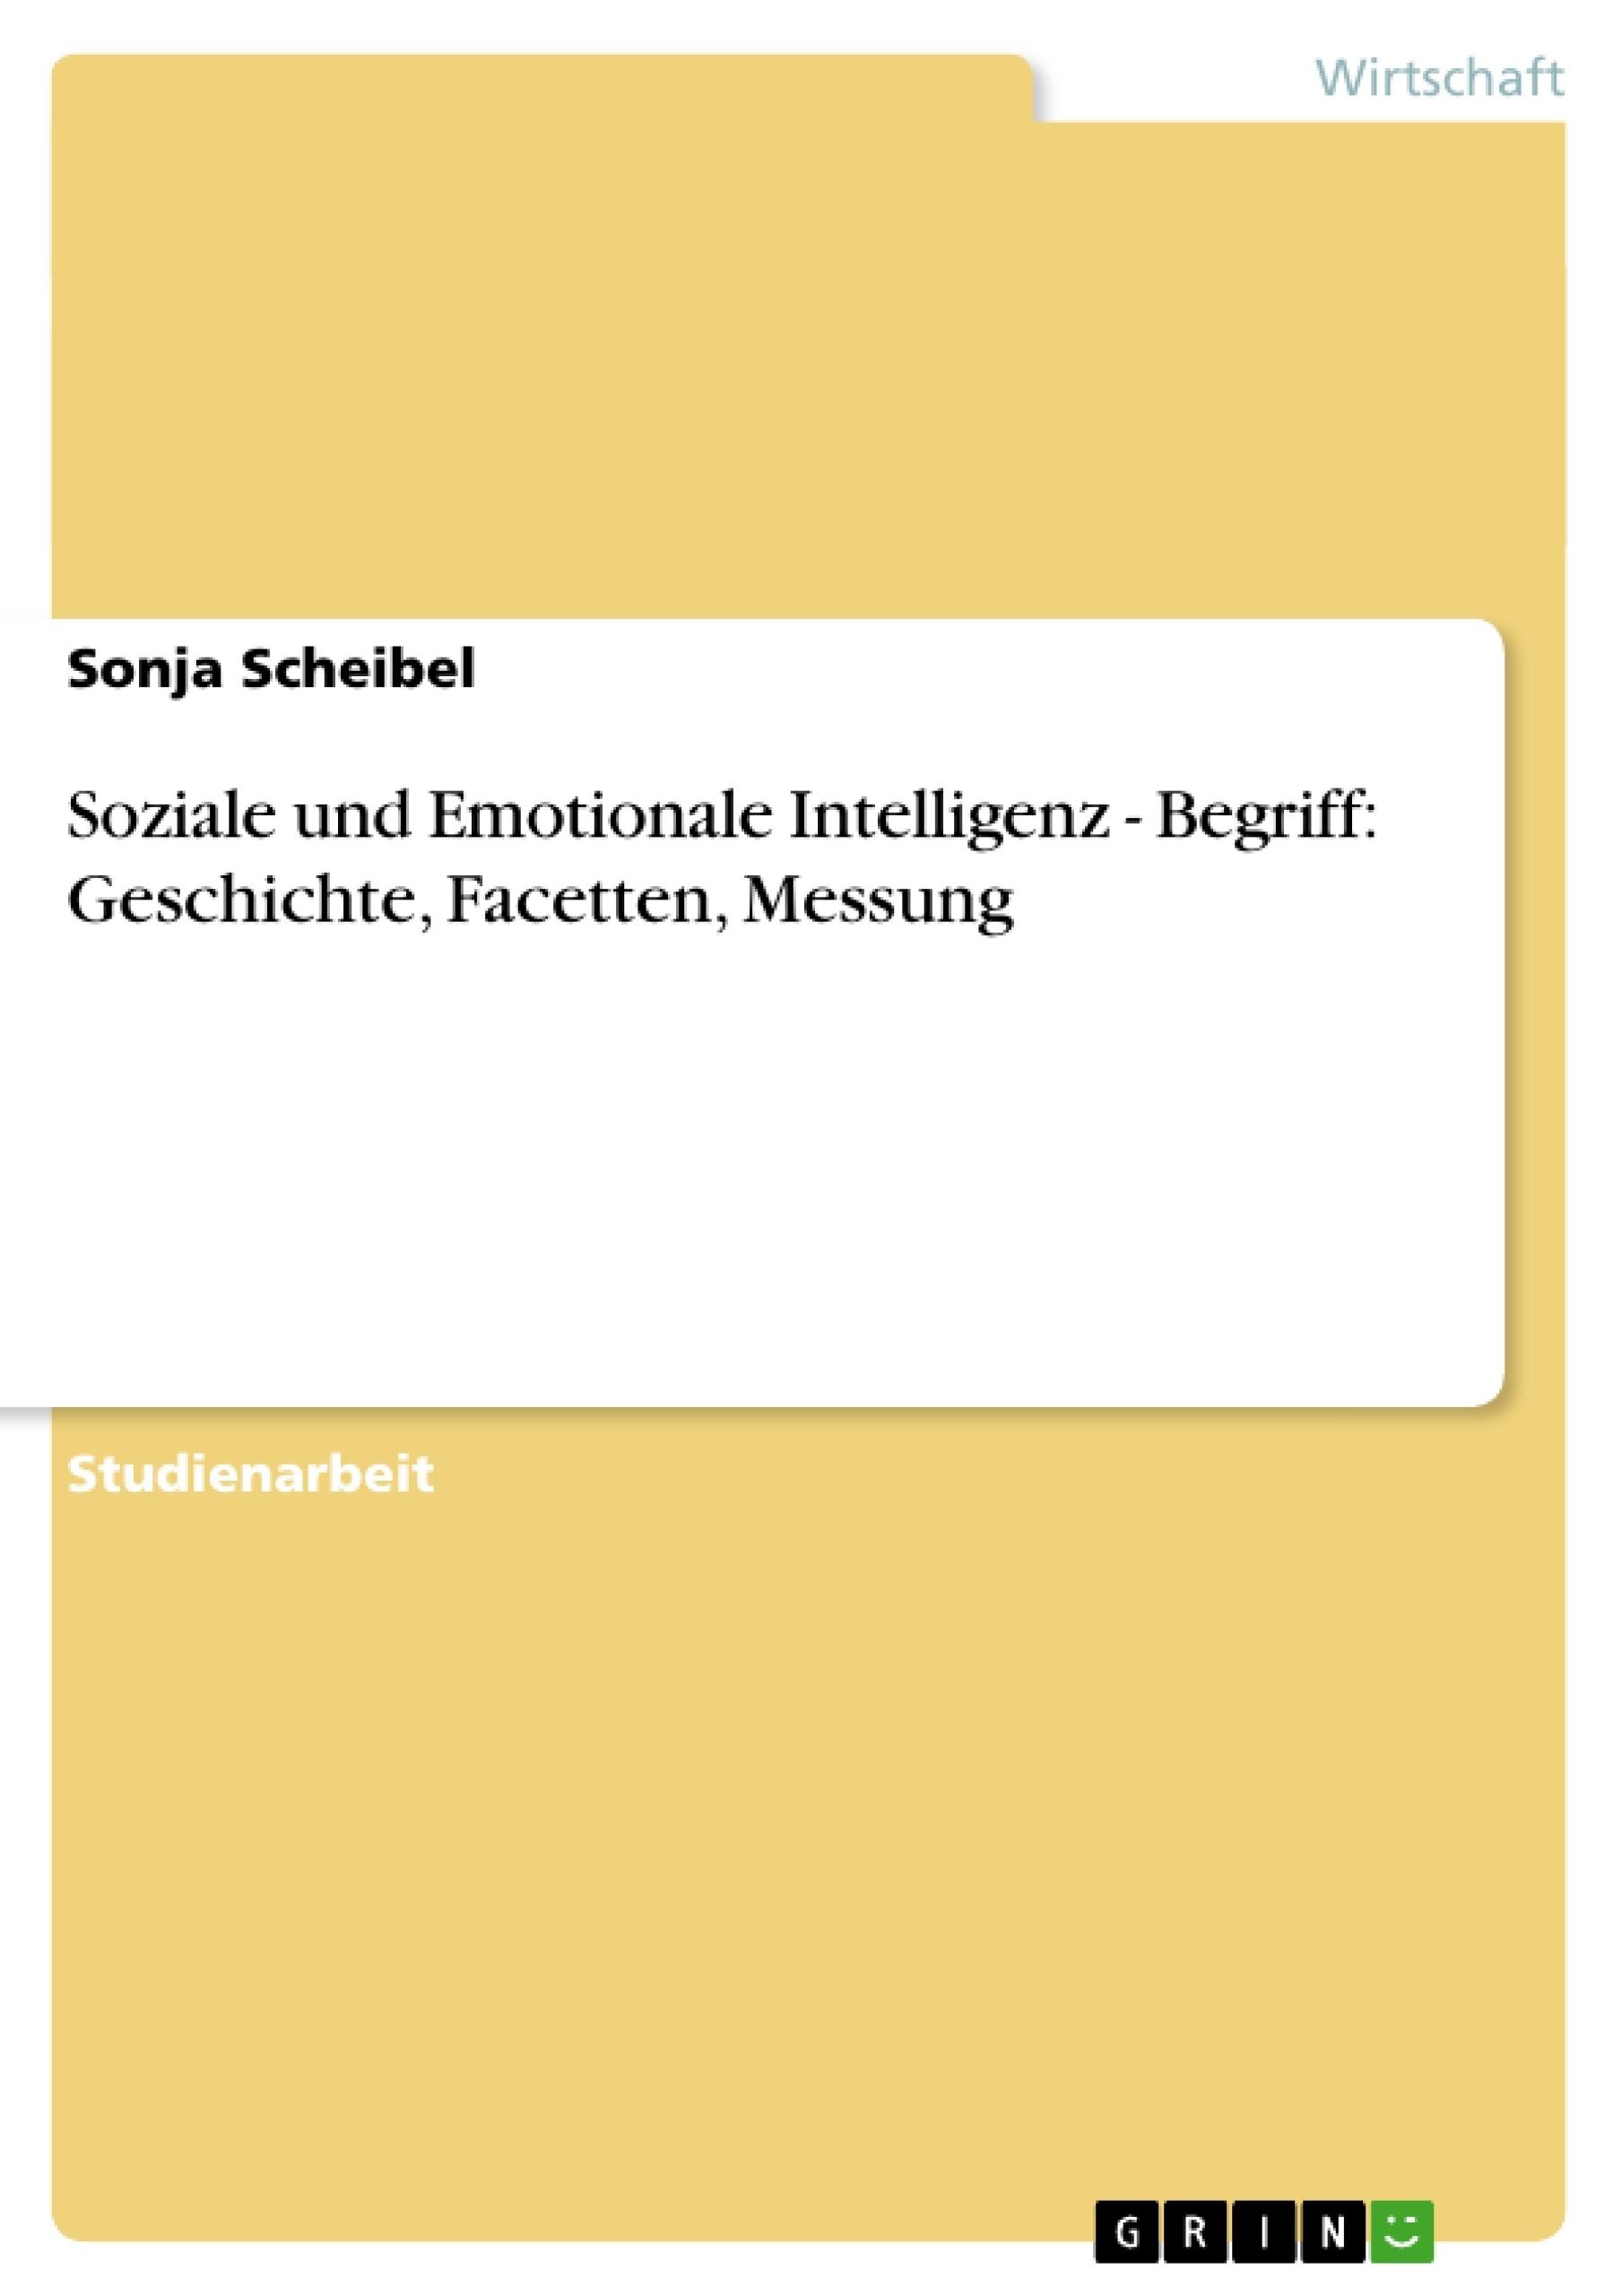 Titel: Soziale und Emotionale Intelligenz - Begriff: Geschichte, Facetten, Messung